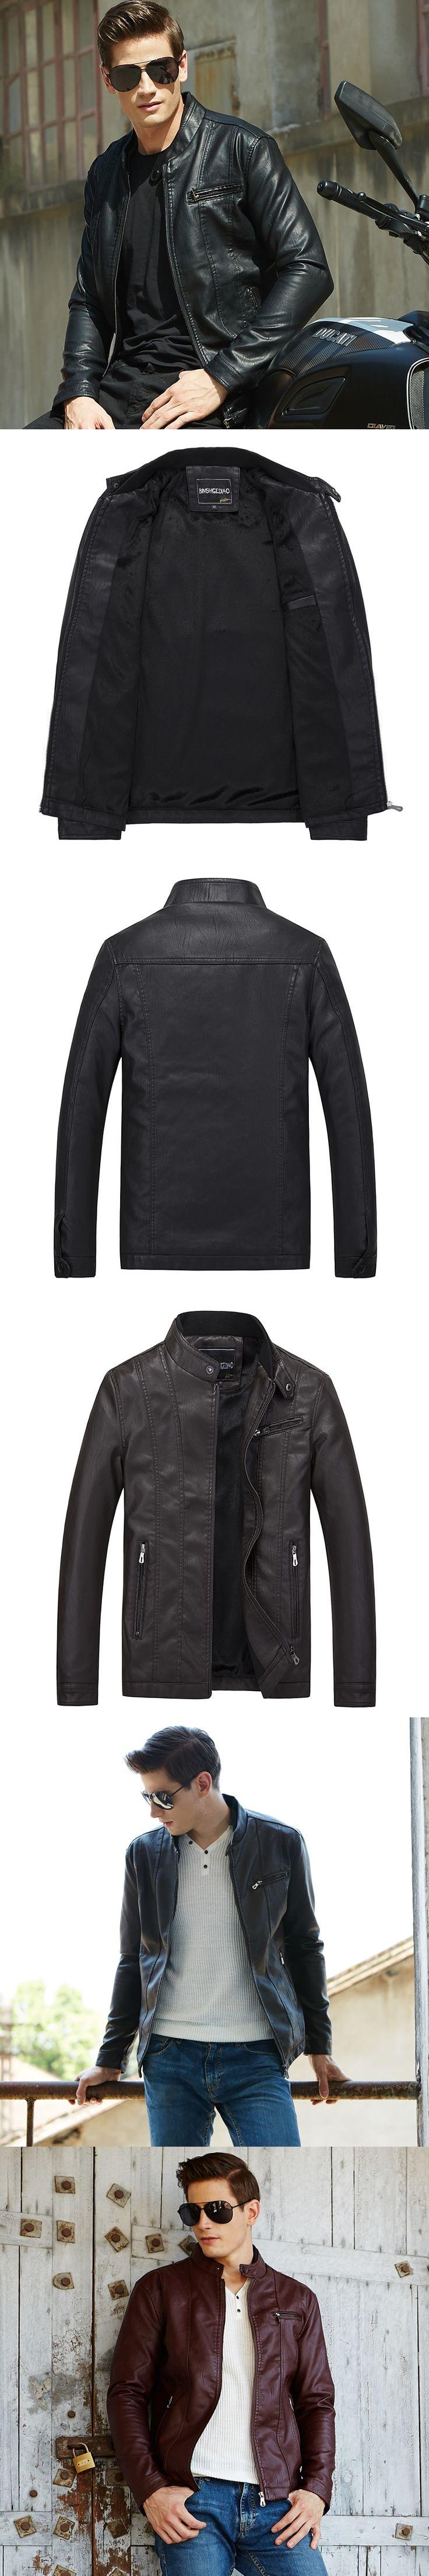 new male pilot Faux leather jacket men motorcycle brand fit slim fashion black coat blouson moto jaqueta de couro outerwear